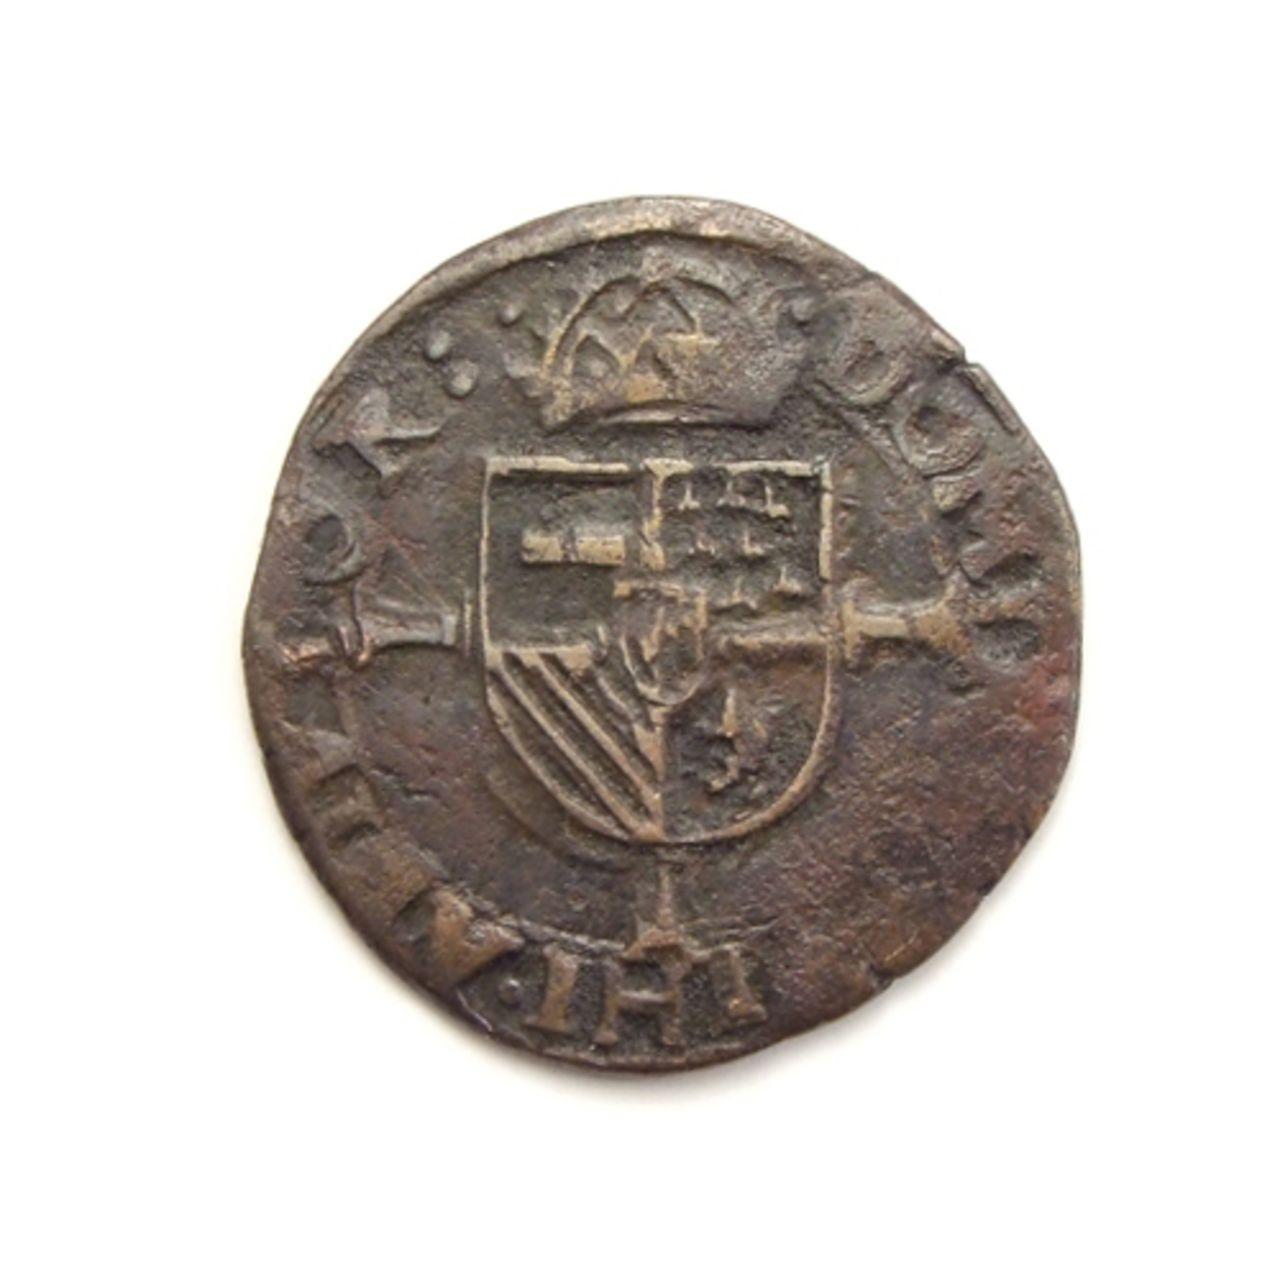 Dubbele Korte o Double Courte sf (ca. 1575). Felipe II. Vlaanderen (Flandes). Vlaanderen_brugge_dubbele_korte_z_j_5035_0